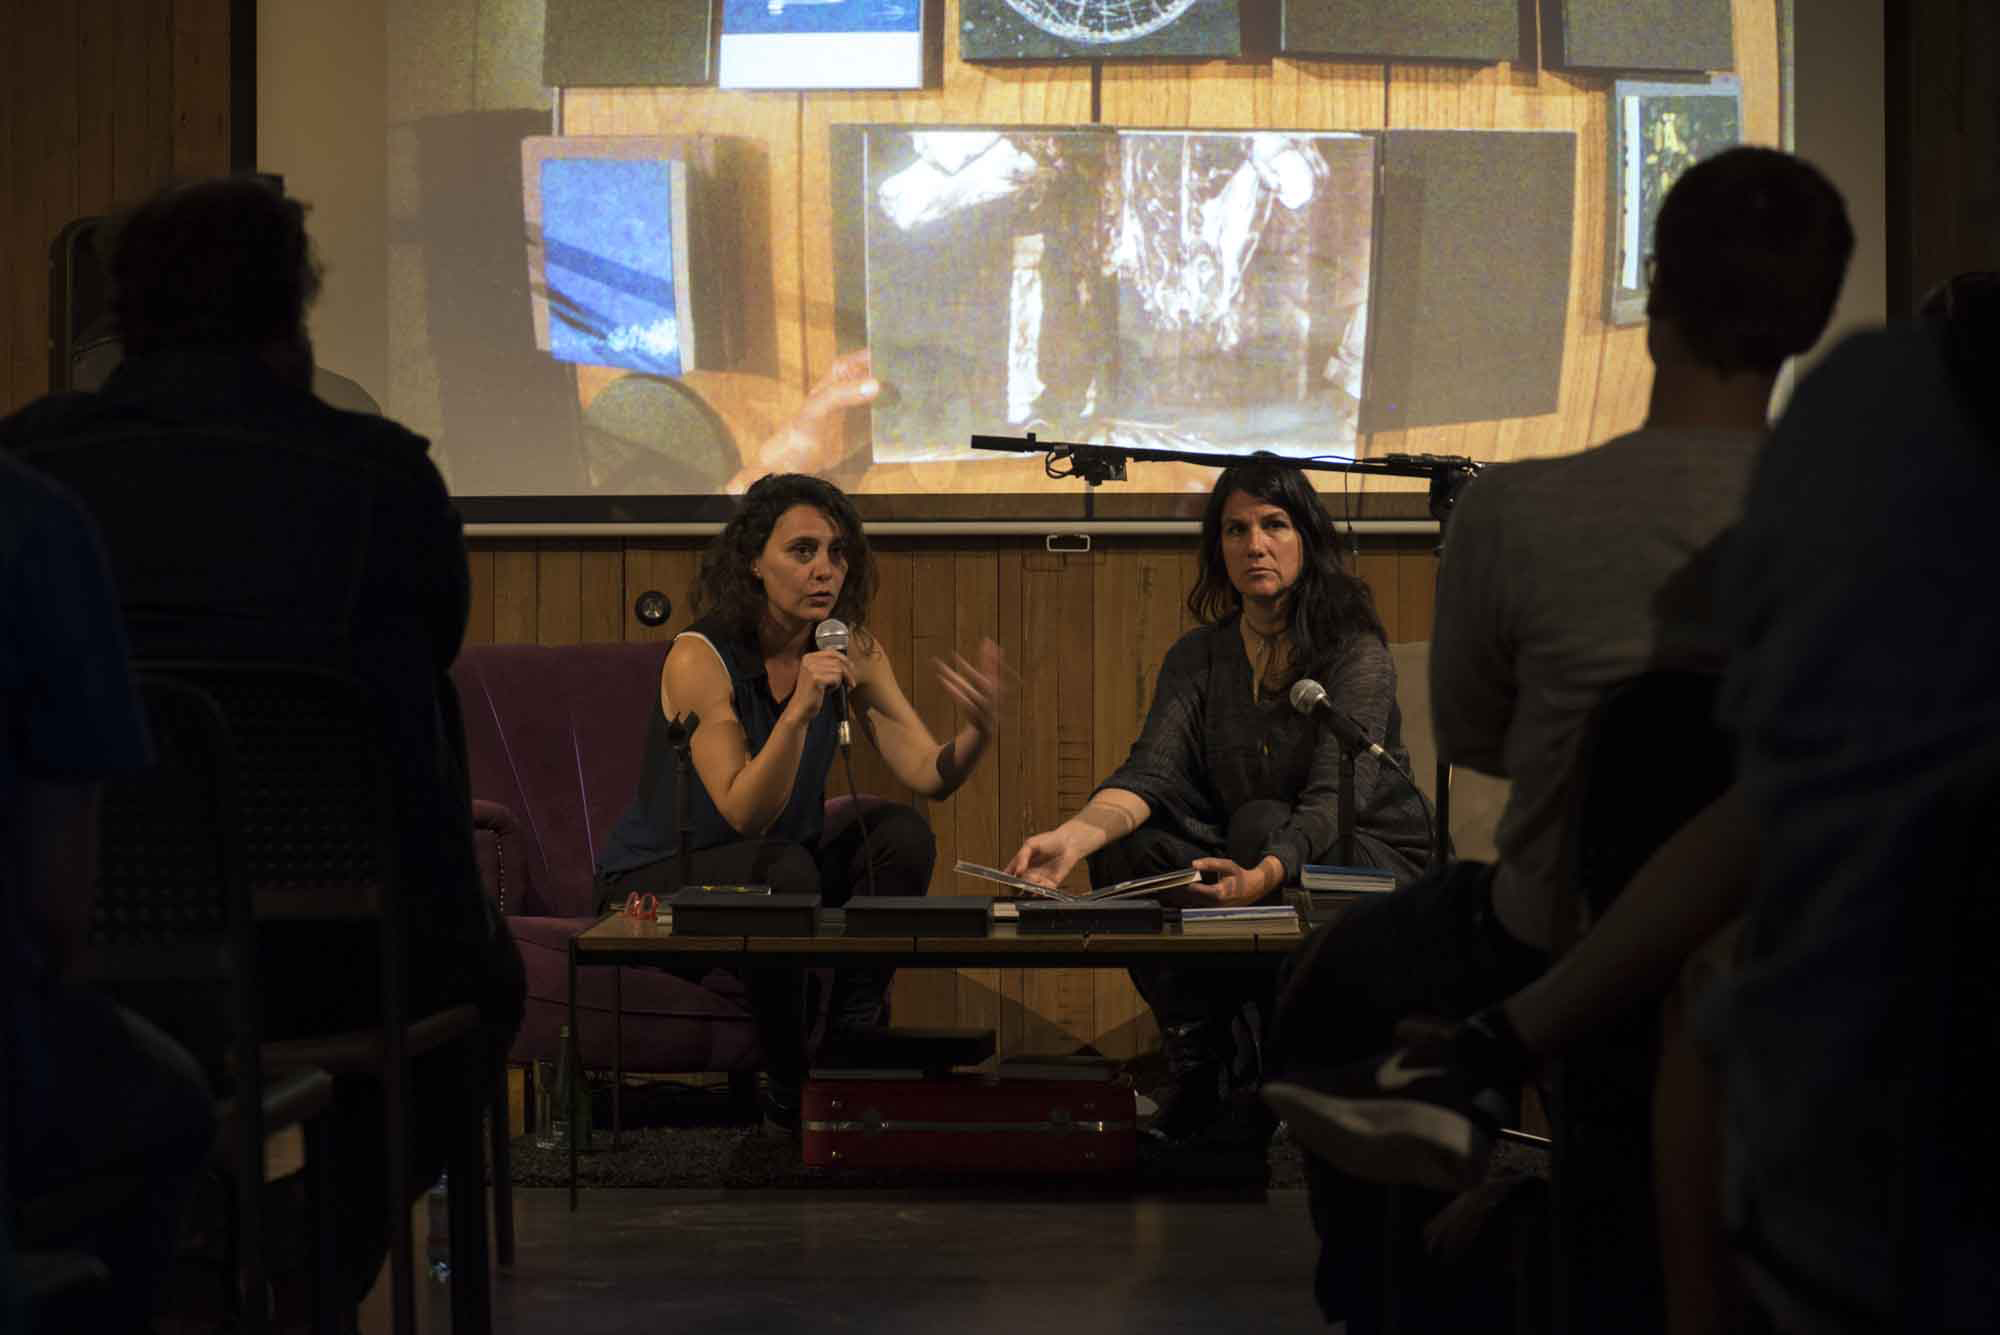 Isabel Fernández y Catalina de la Cruz (Chile) participan en Dj Book, FIFV 2016. ©Ignacio Lamas